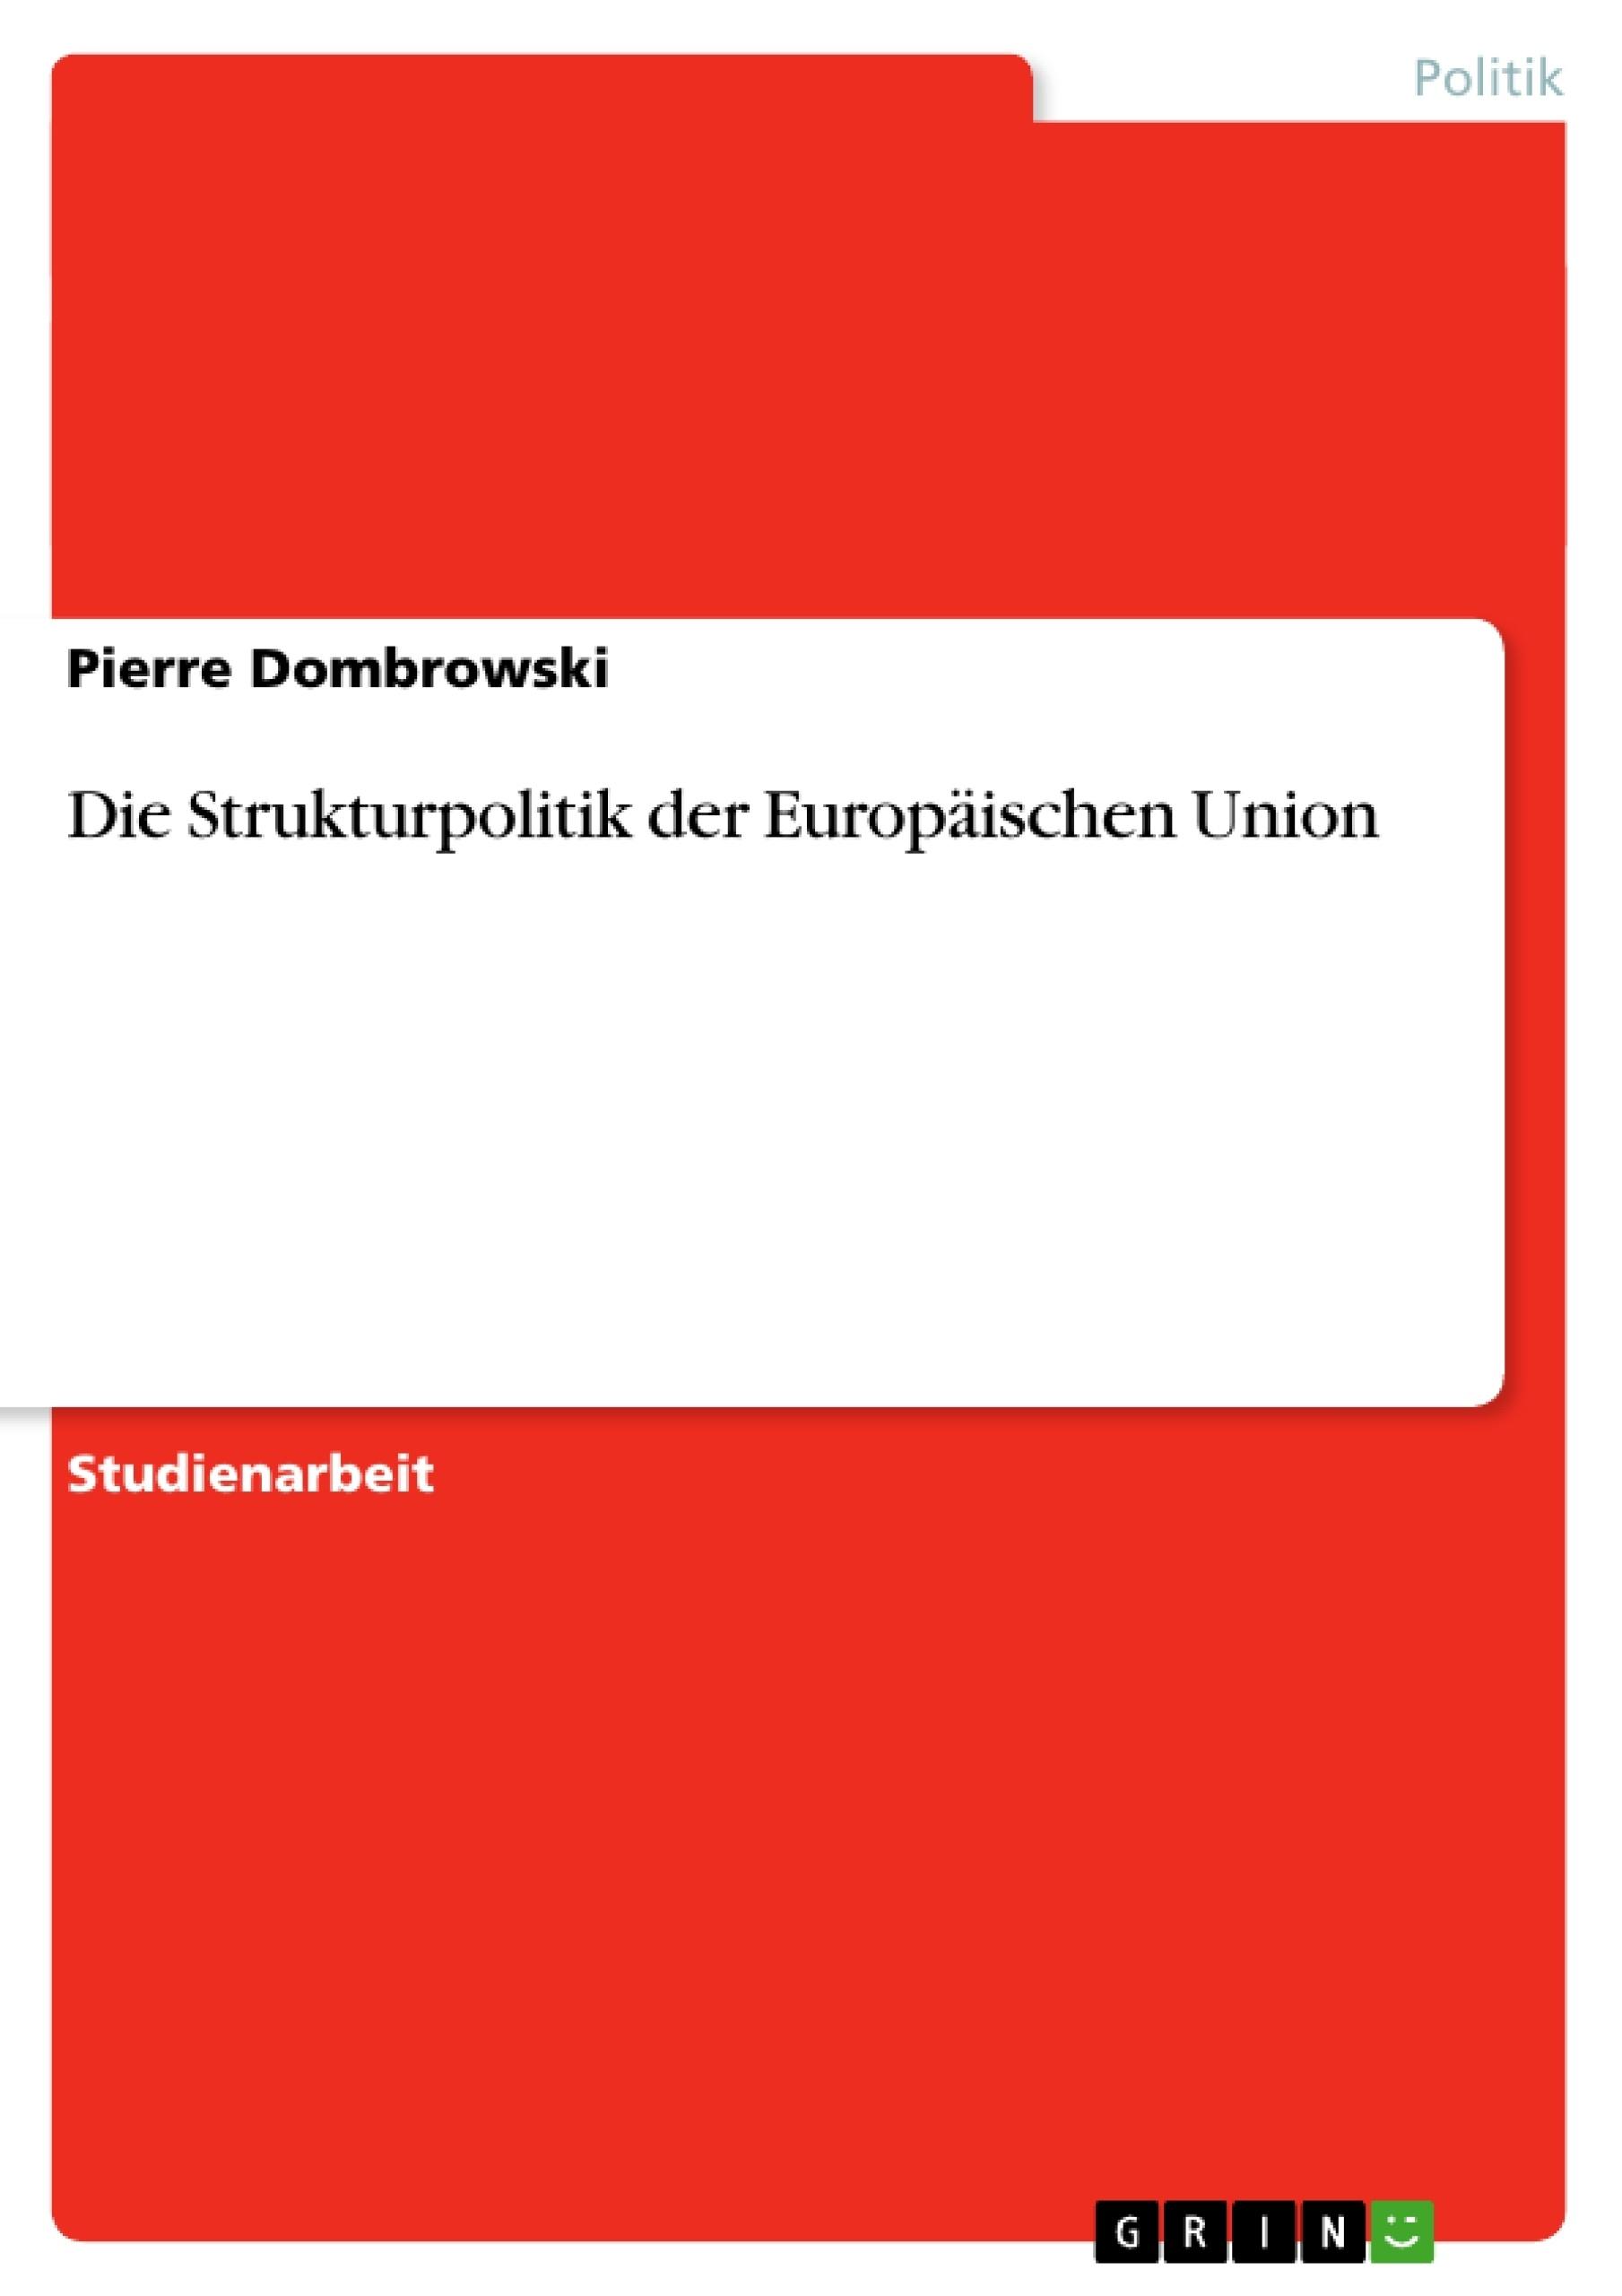 Titel: Die Strukturpolitik der Europäischen Union